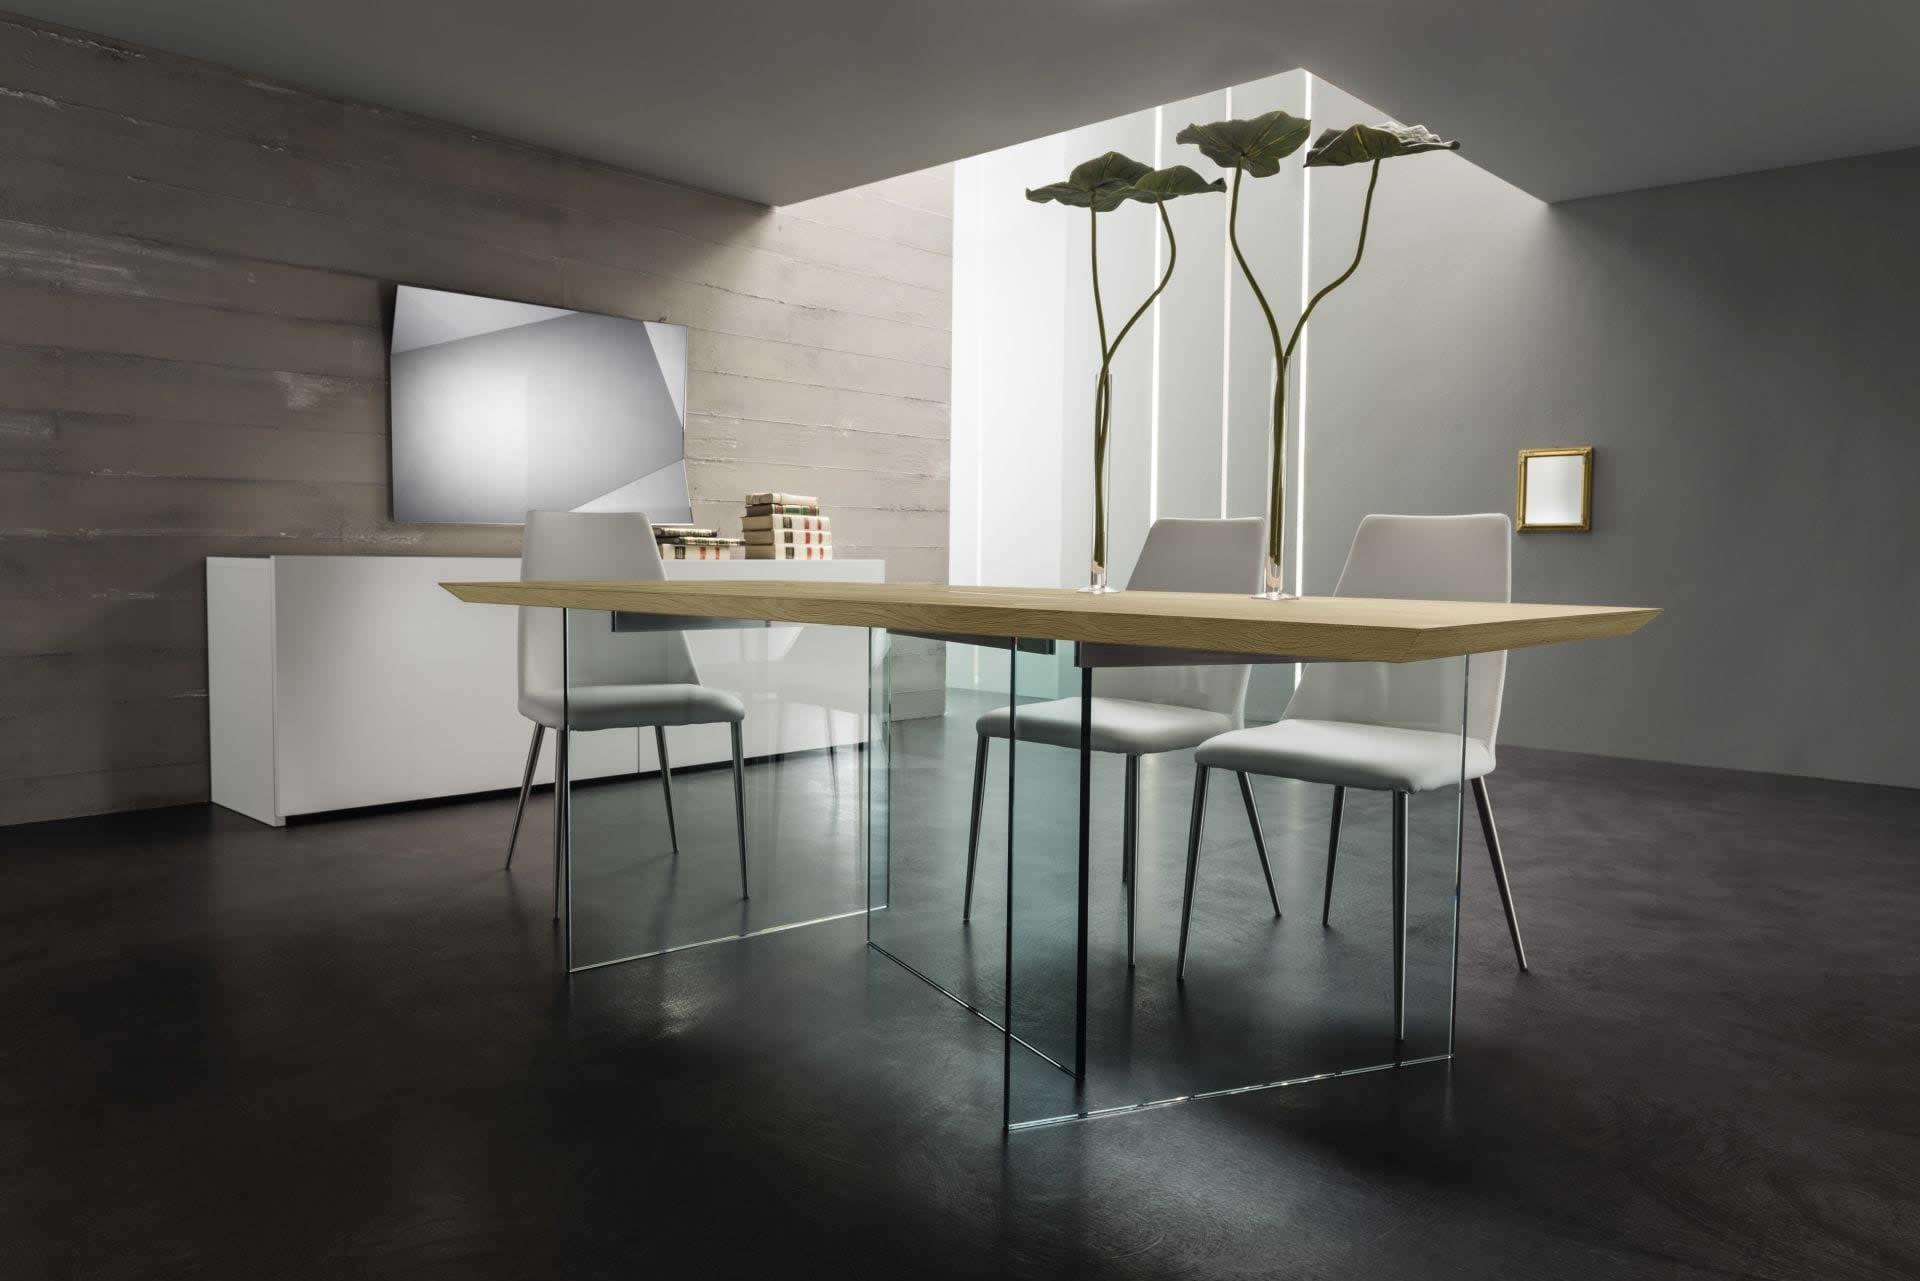 Zamagna tavoli e sedie u2013 sirci cucine u2013 cucine componibili in umbria